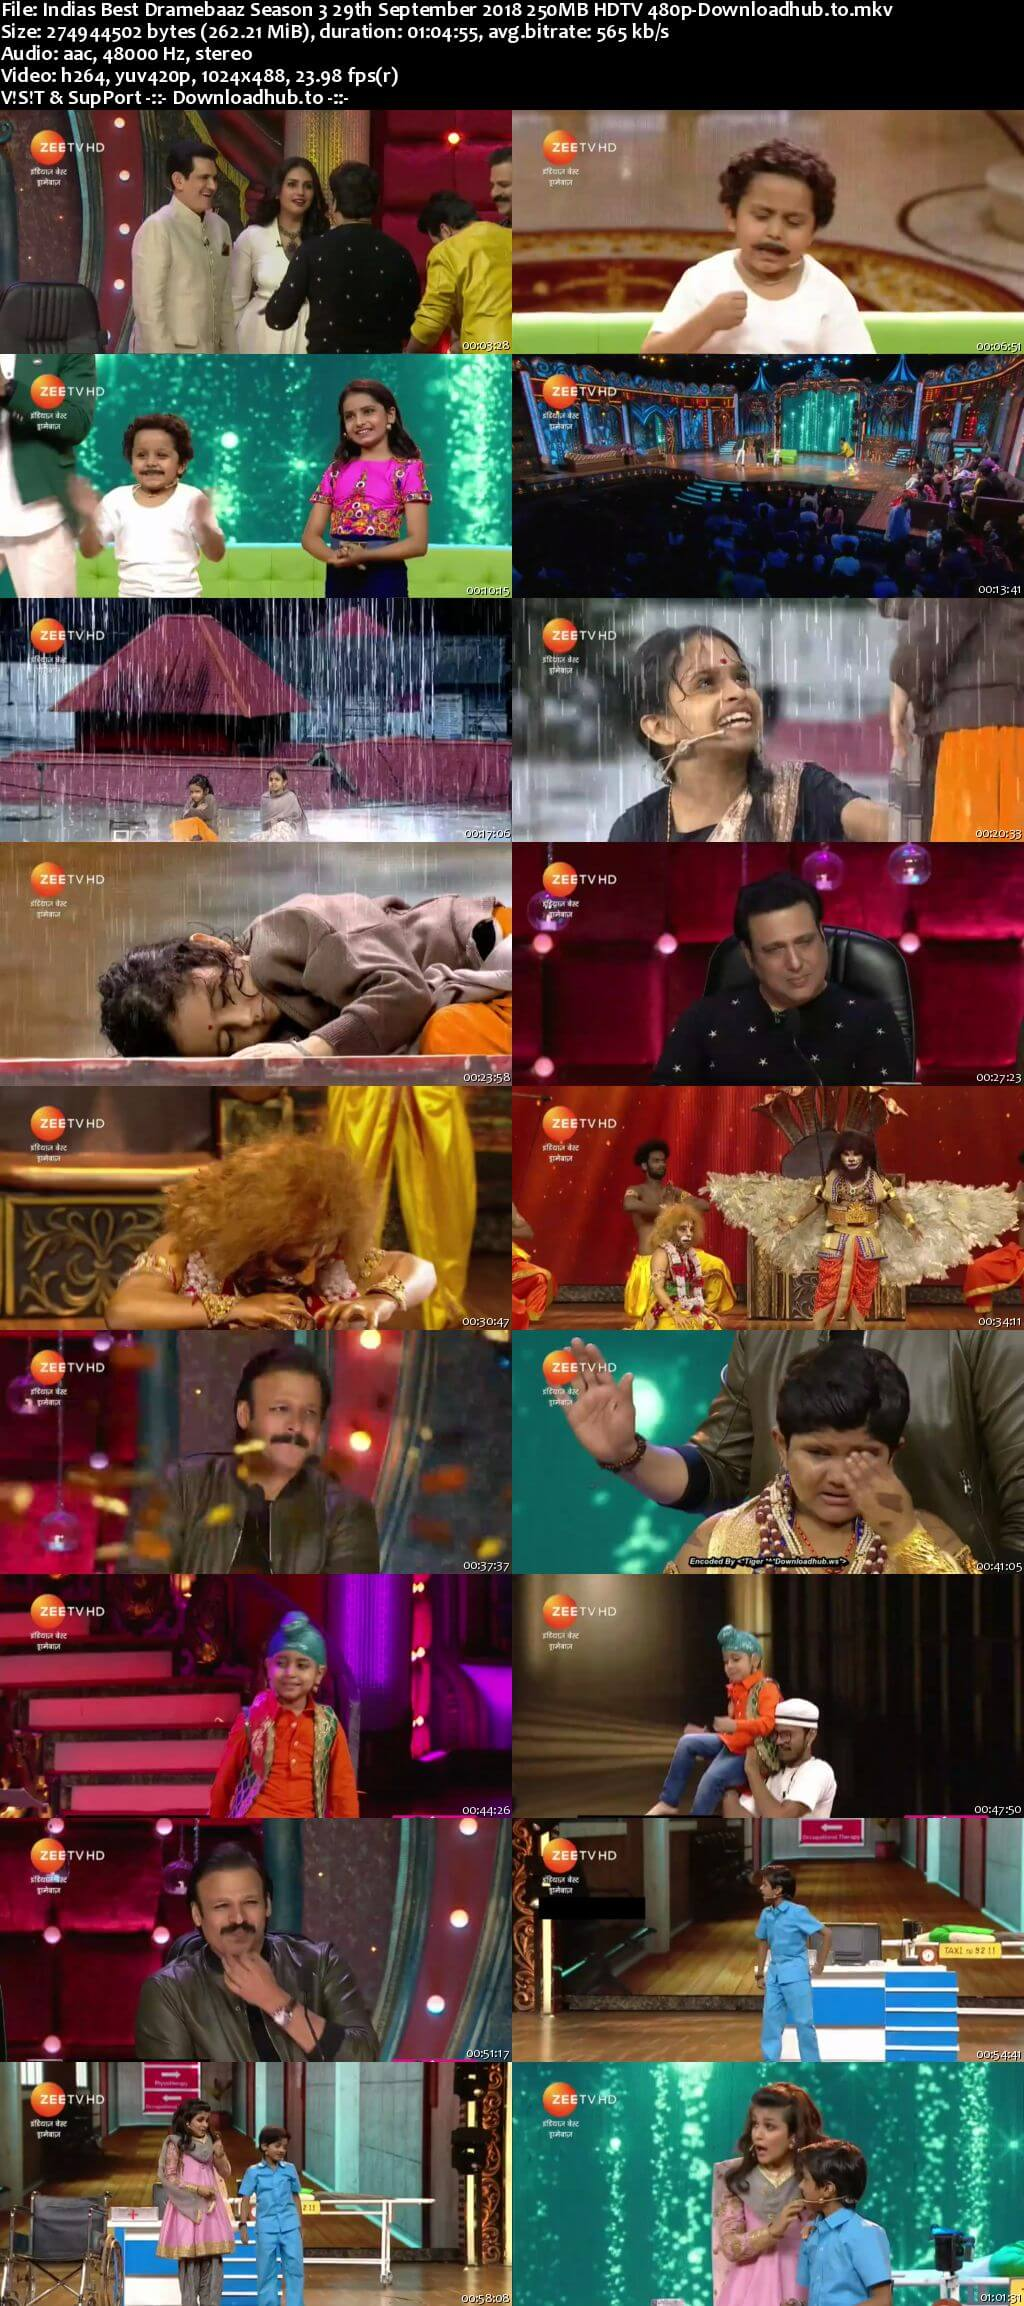 Indias Best Dramebaaz Season 3 29 September 2018 Episode 27 HDTV 480p